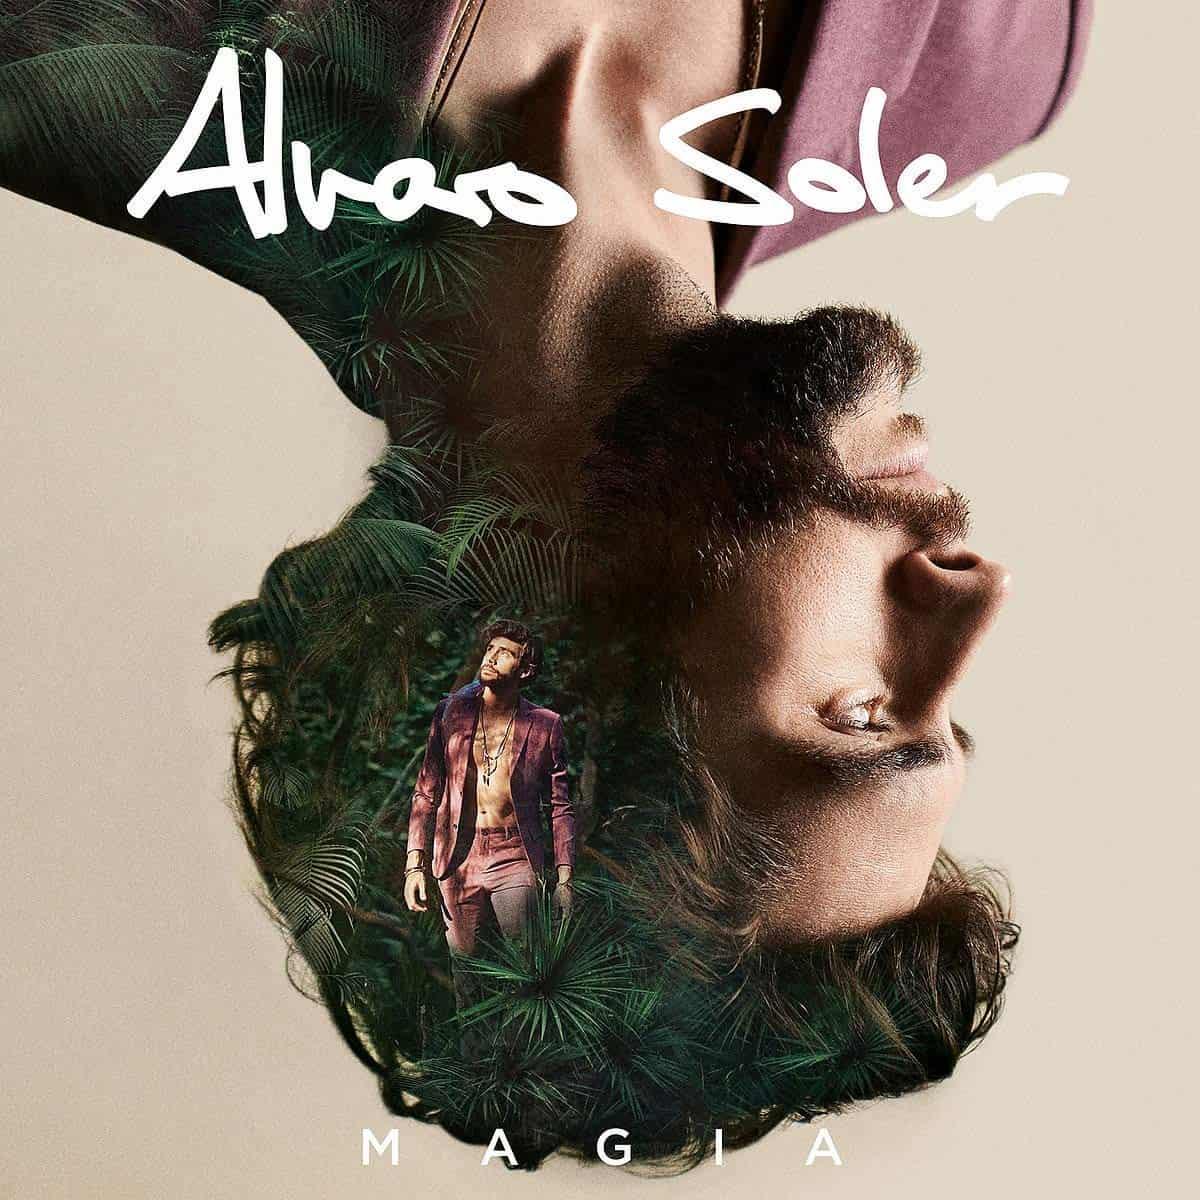 """Alvaro Soler, neues Album """"Magia"""" im Sommer 2021"""